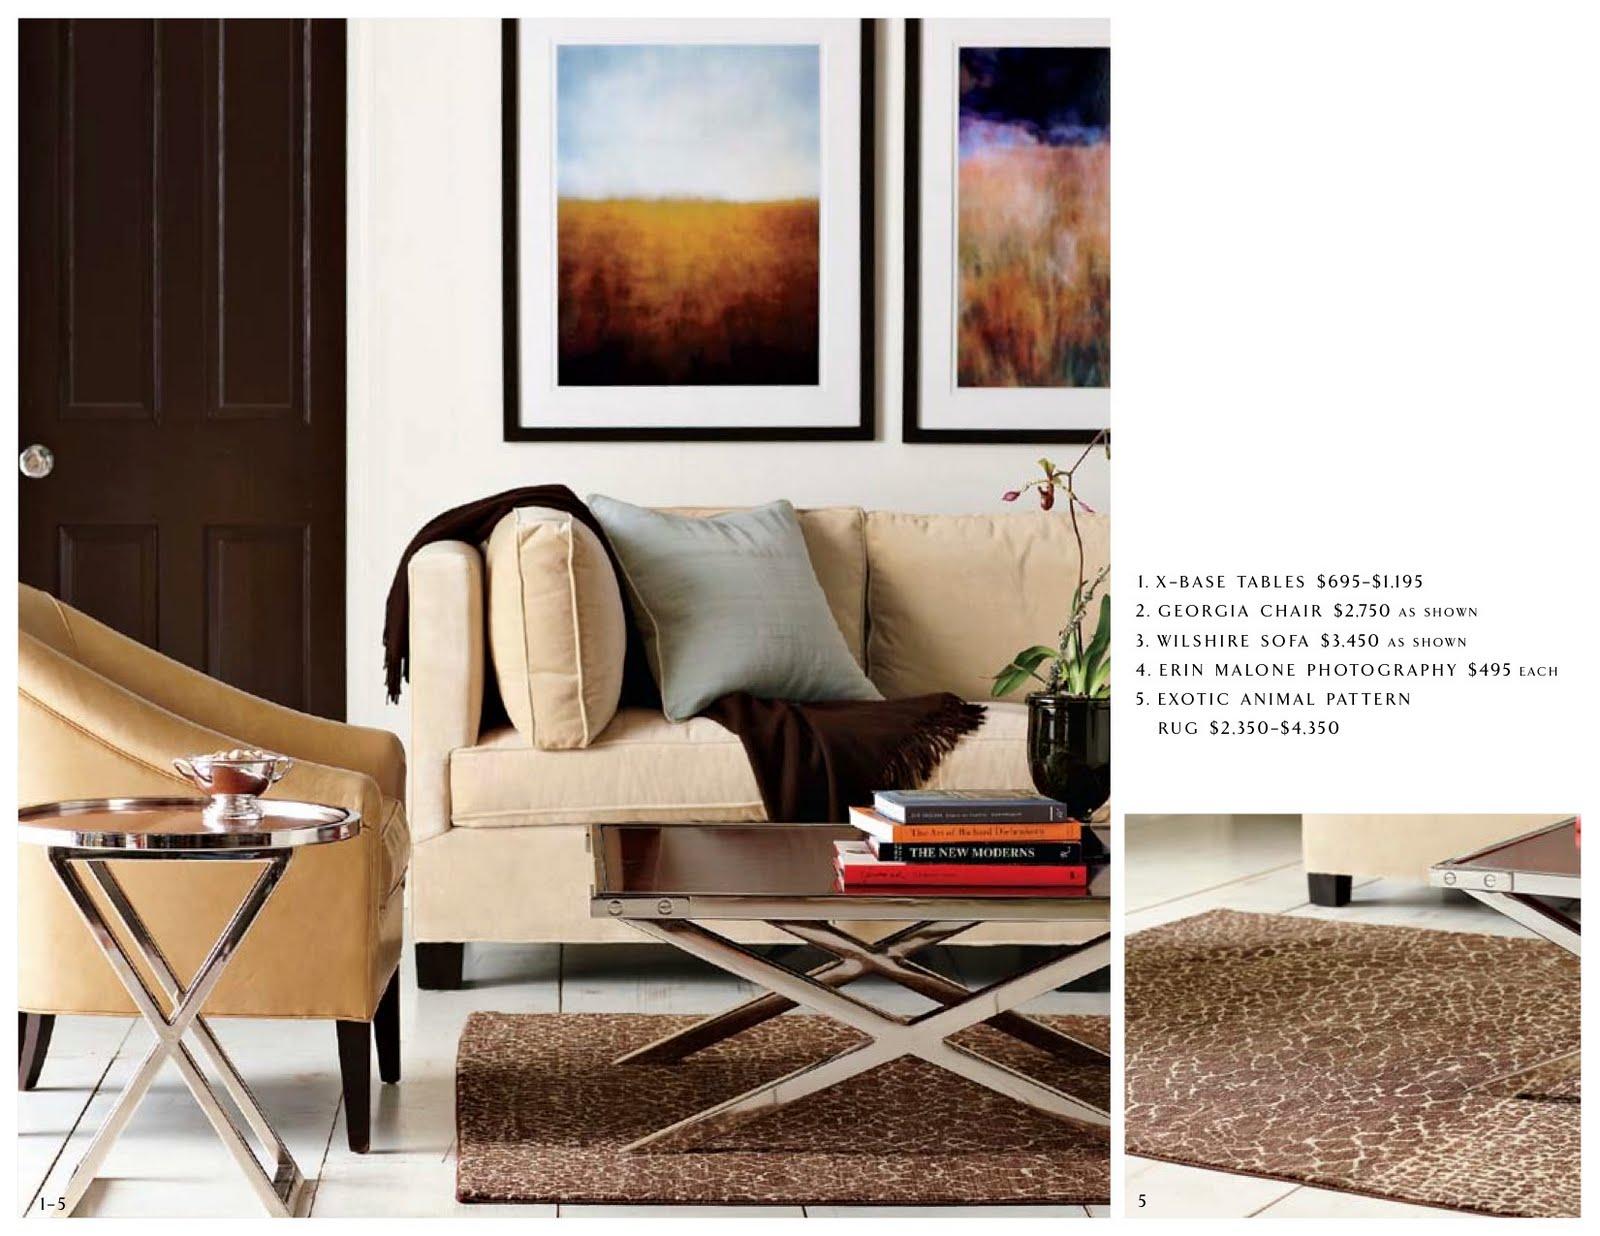 caitlin wilson | x-base coffee table!